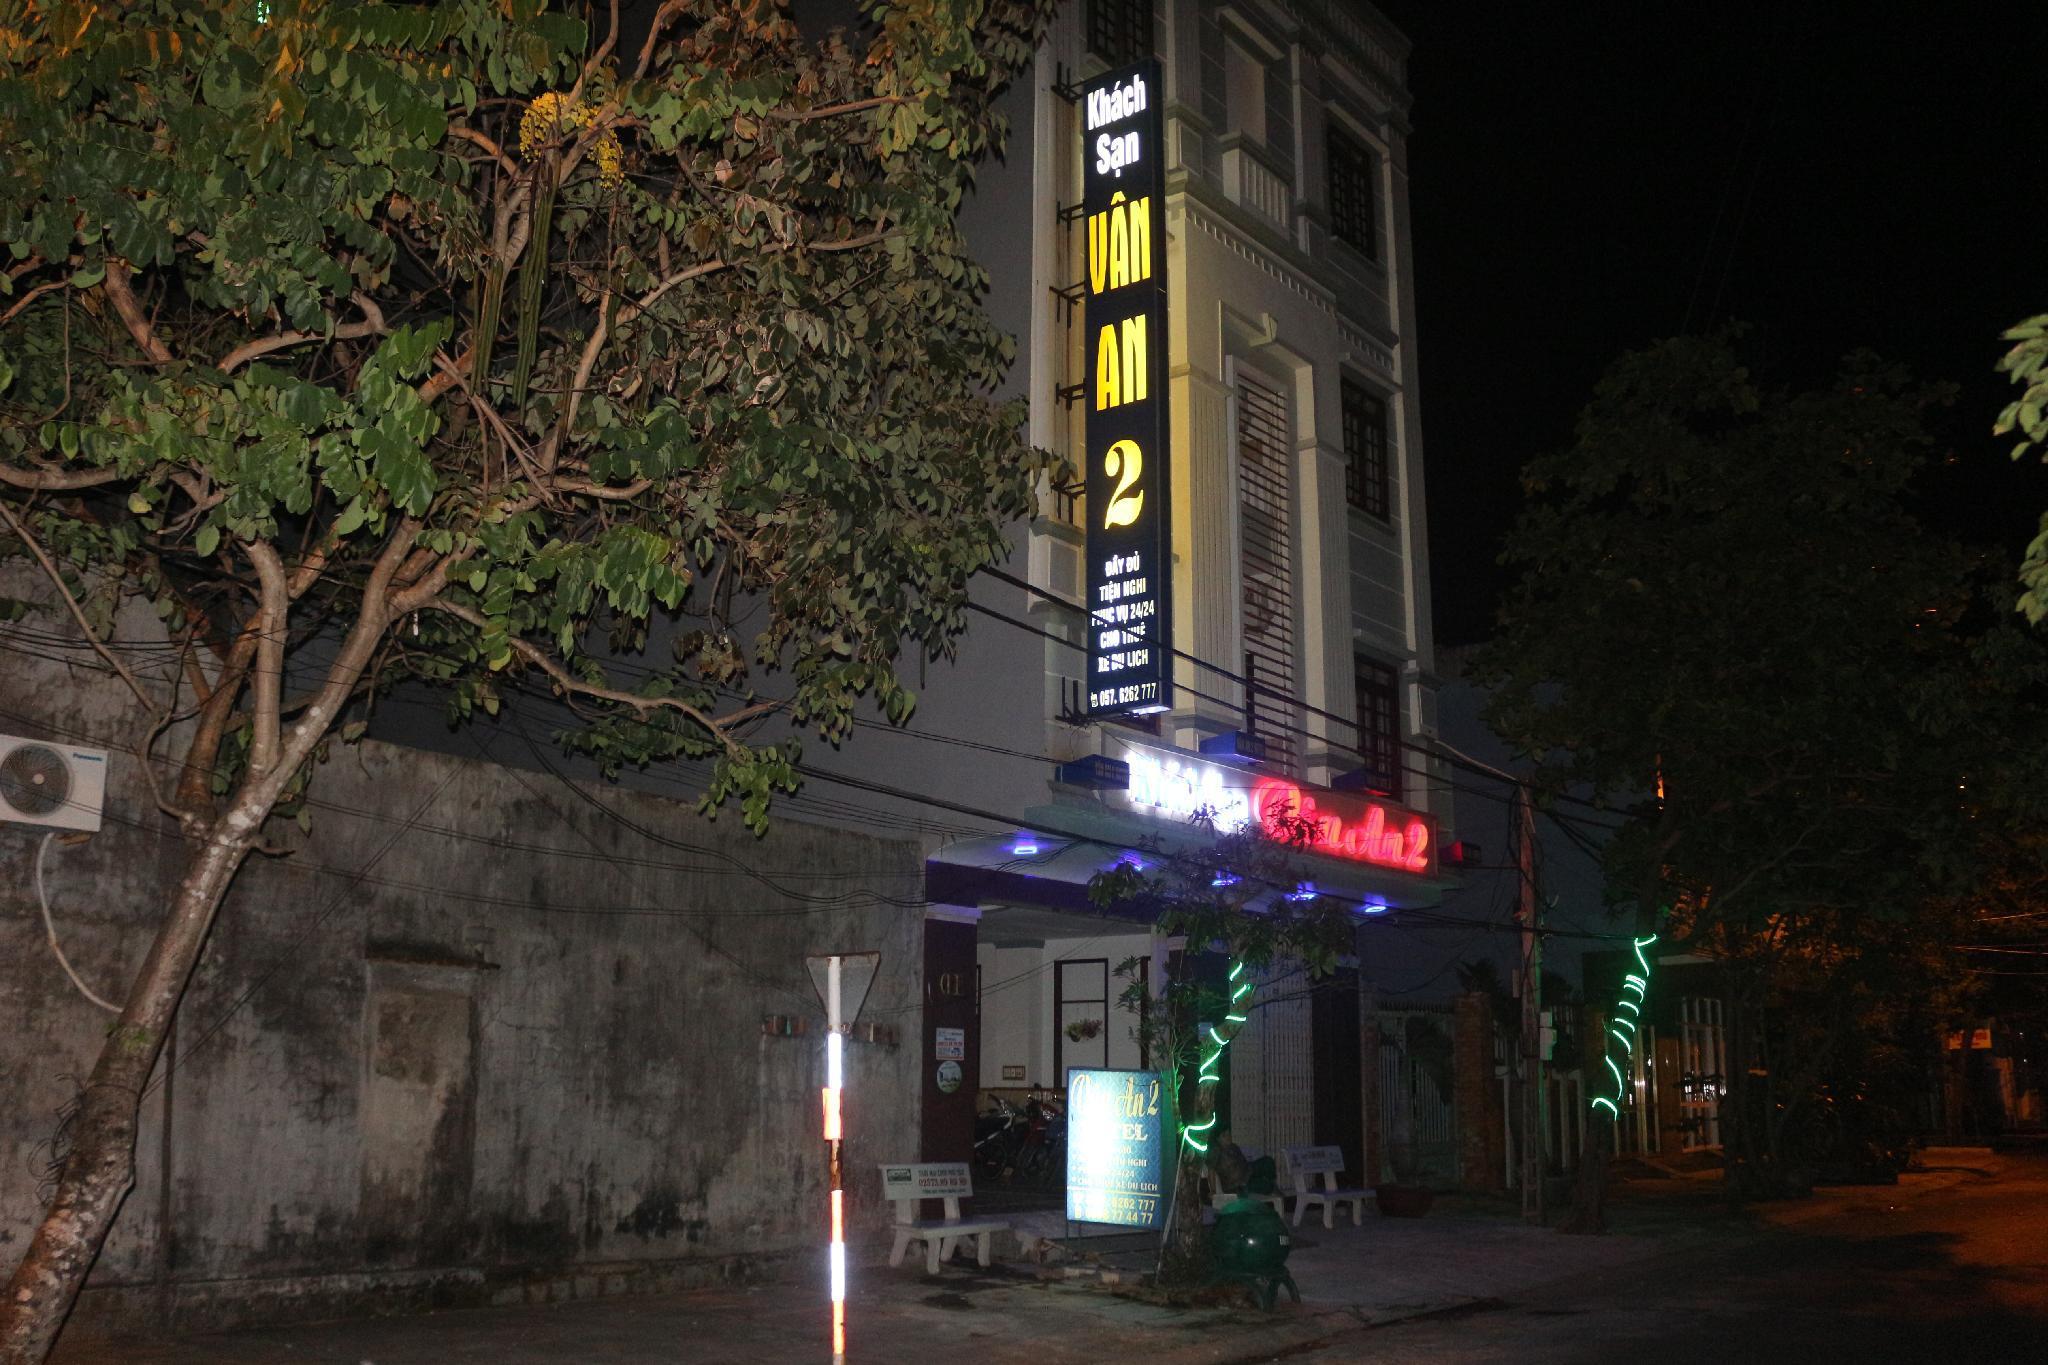 Van An 2 Hotel, Tuy Hoa